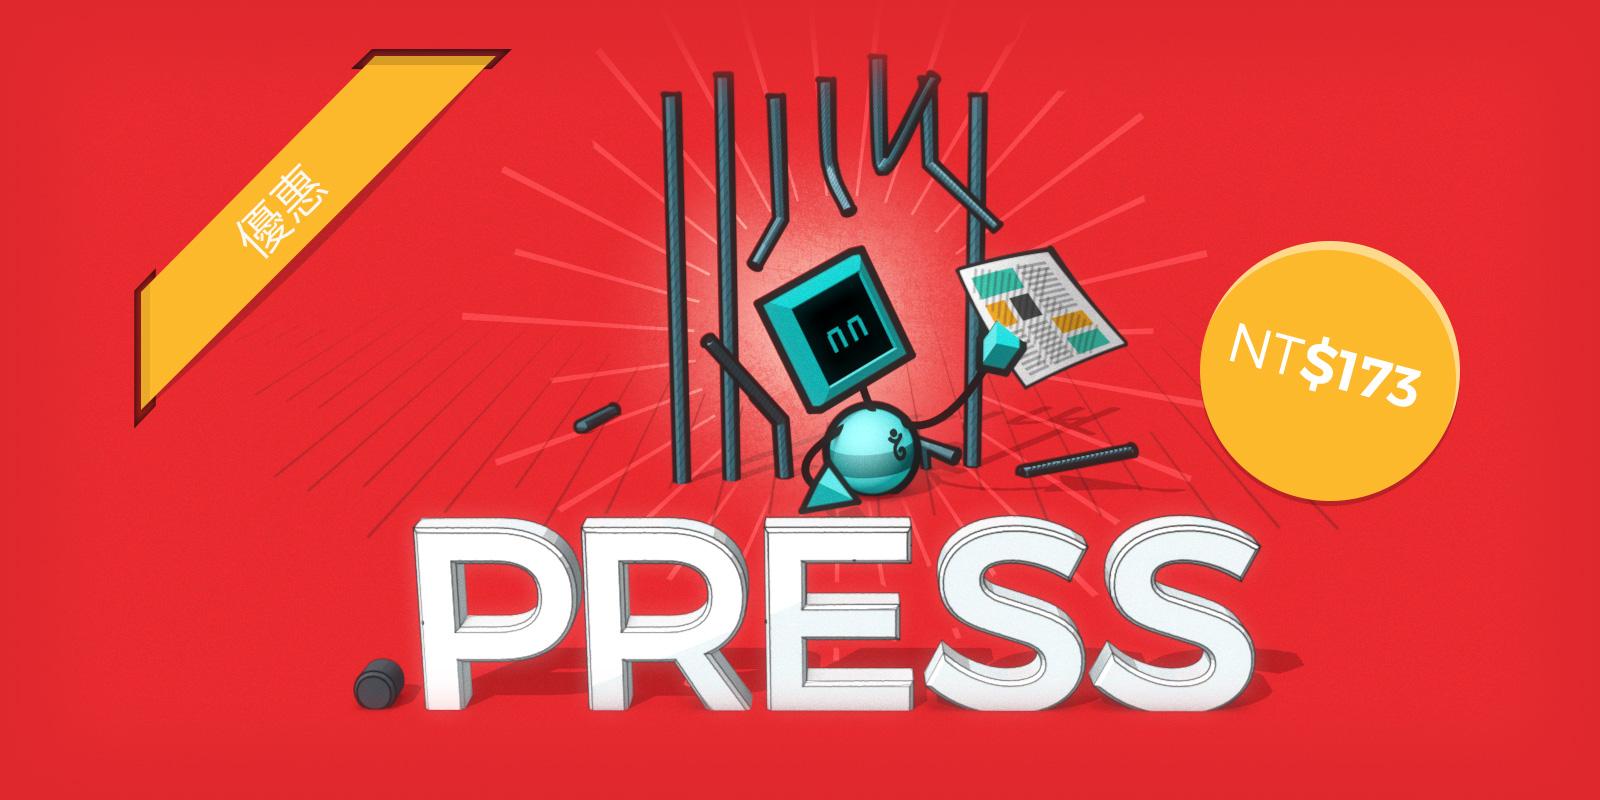 為紀念世界新聞自由日  .press 域名推出註冊優惠